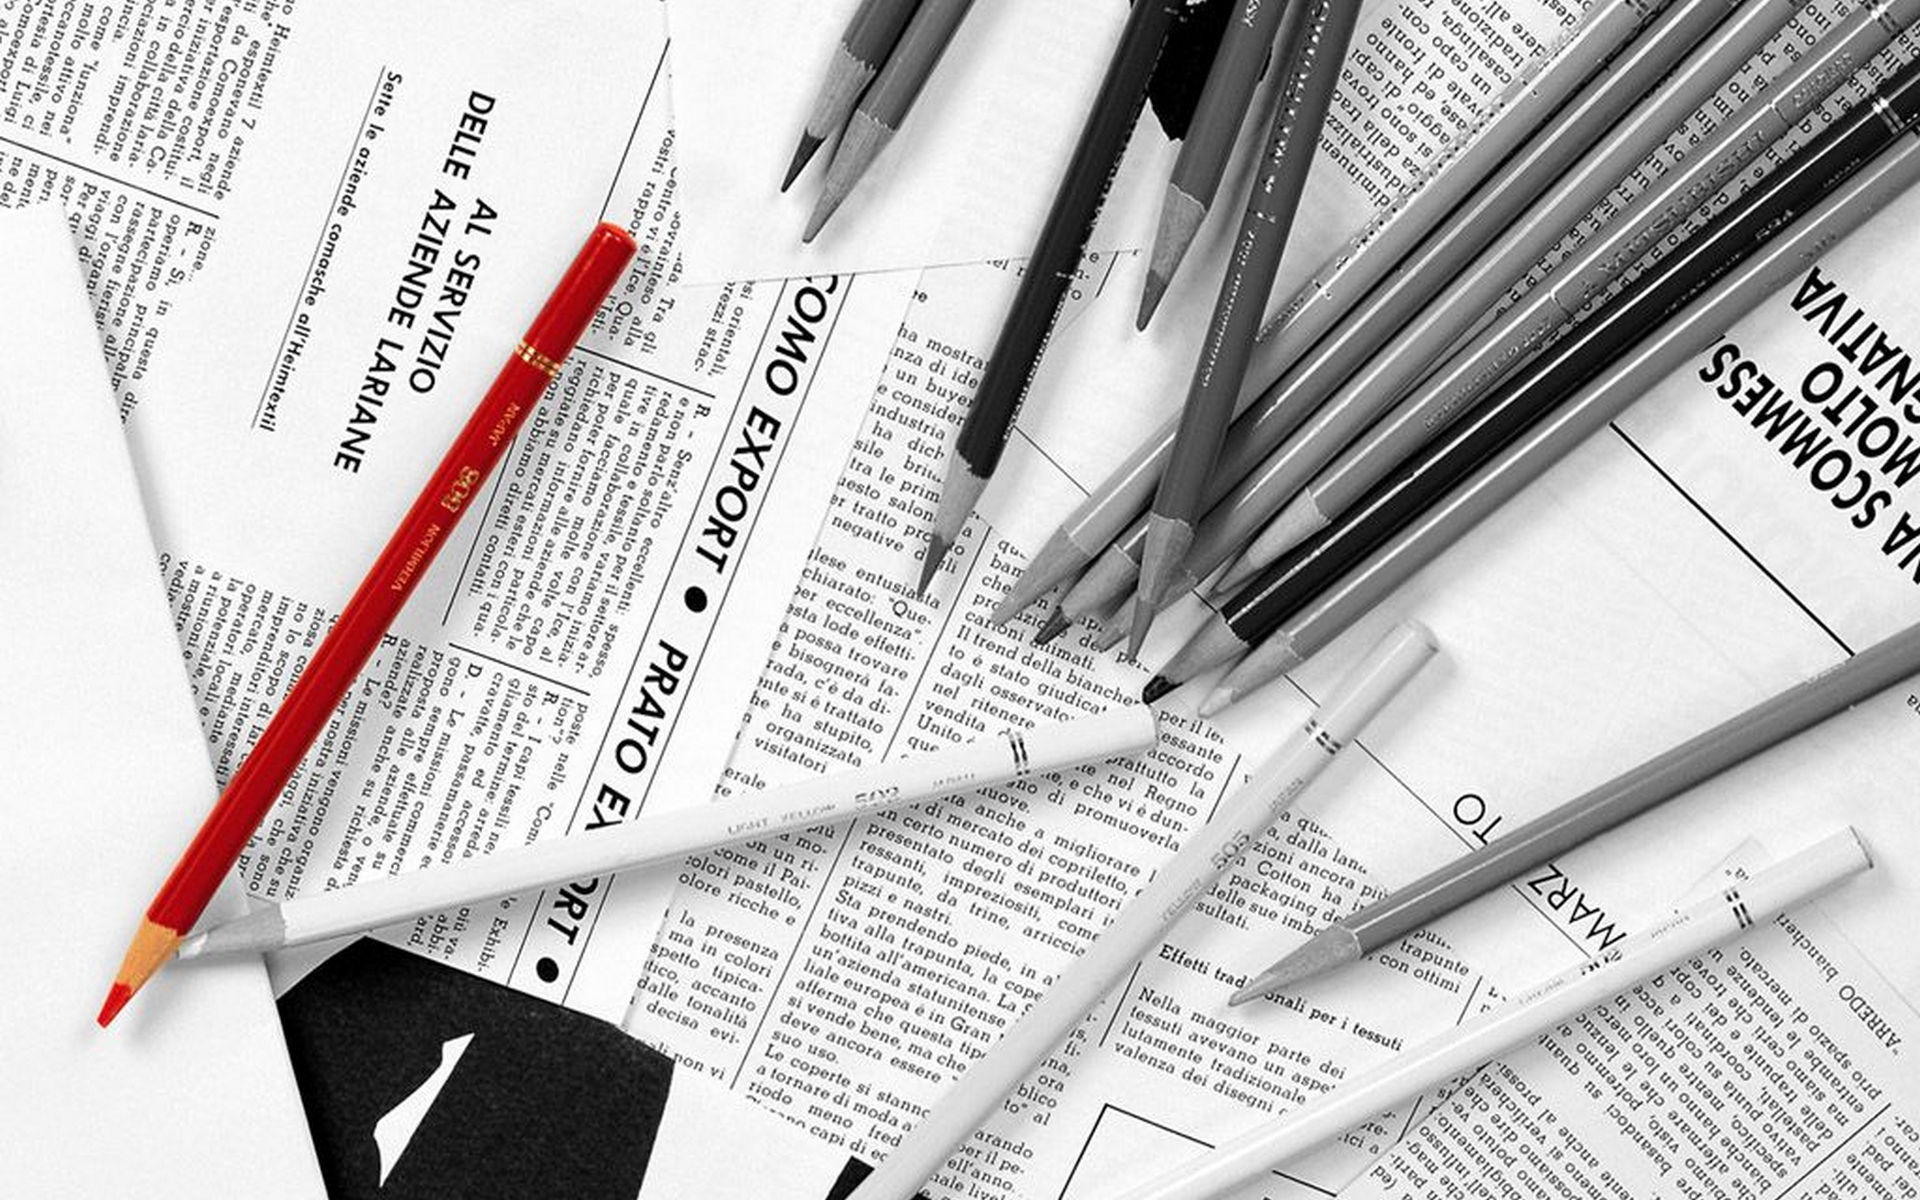 英字新聞と鉛筆のモノクロ・白黒写真の壁紙